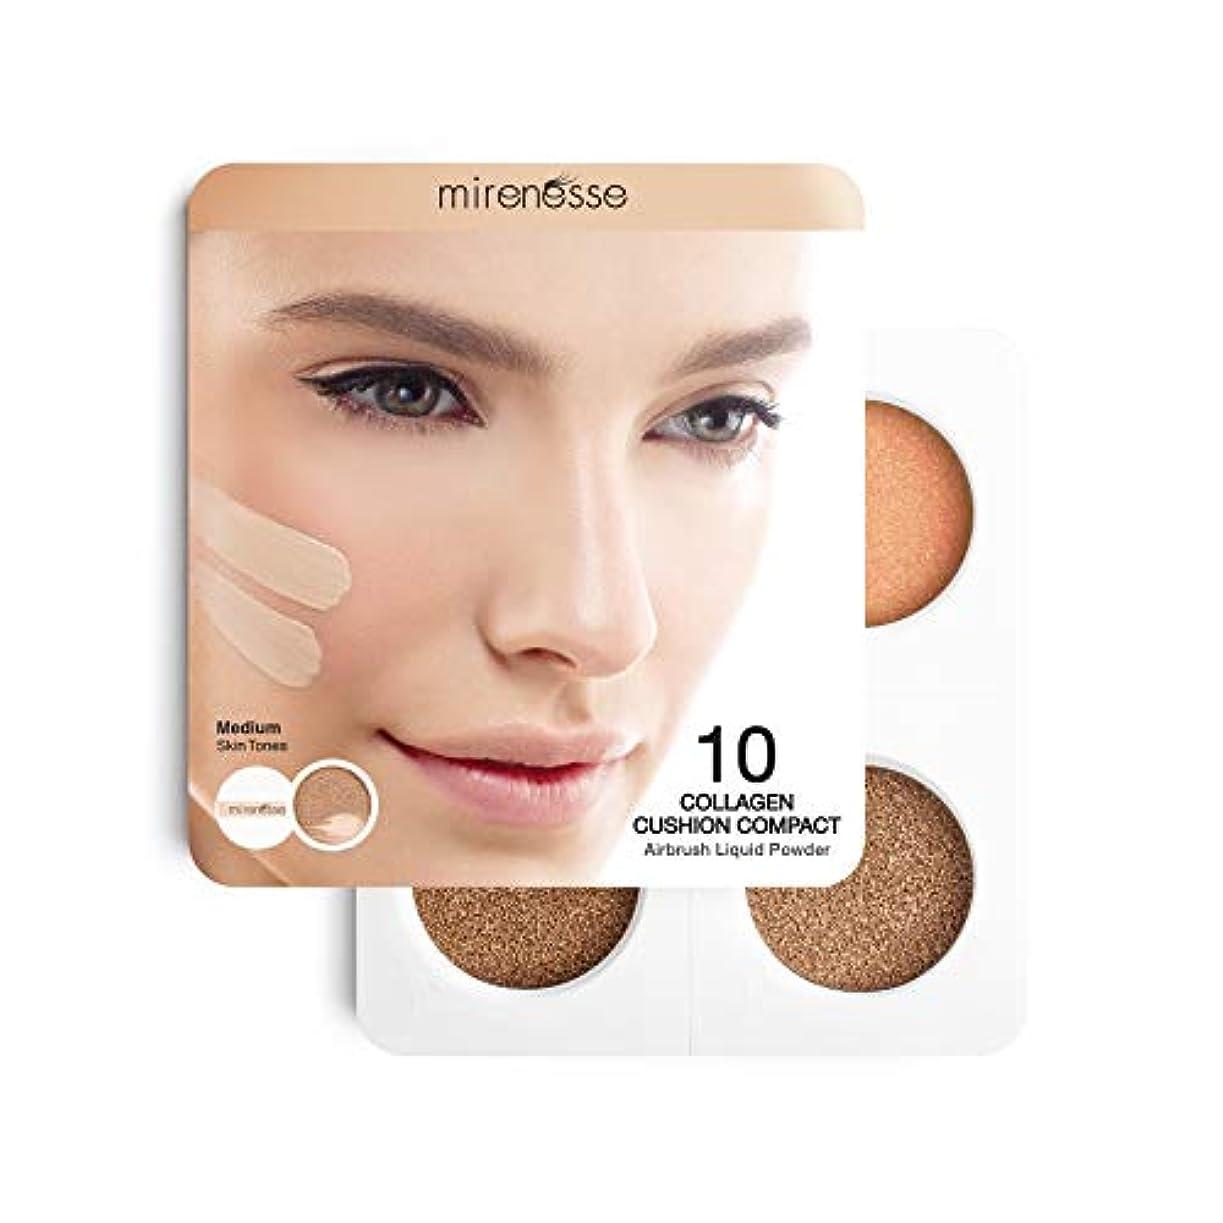 閲覧するタクト追い出すMirenesse Cosmetics 4Pce 10 Collagen Cushion Foundation Sampler - Medium/Dark